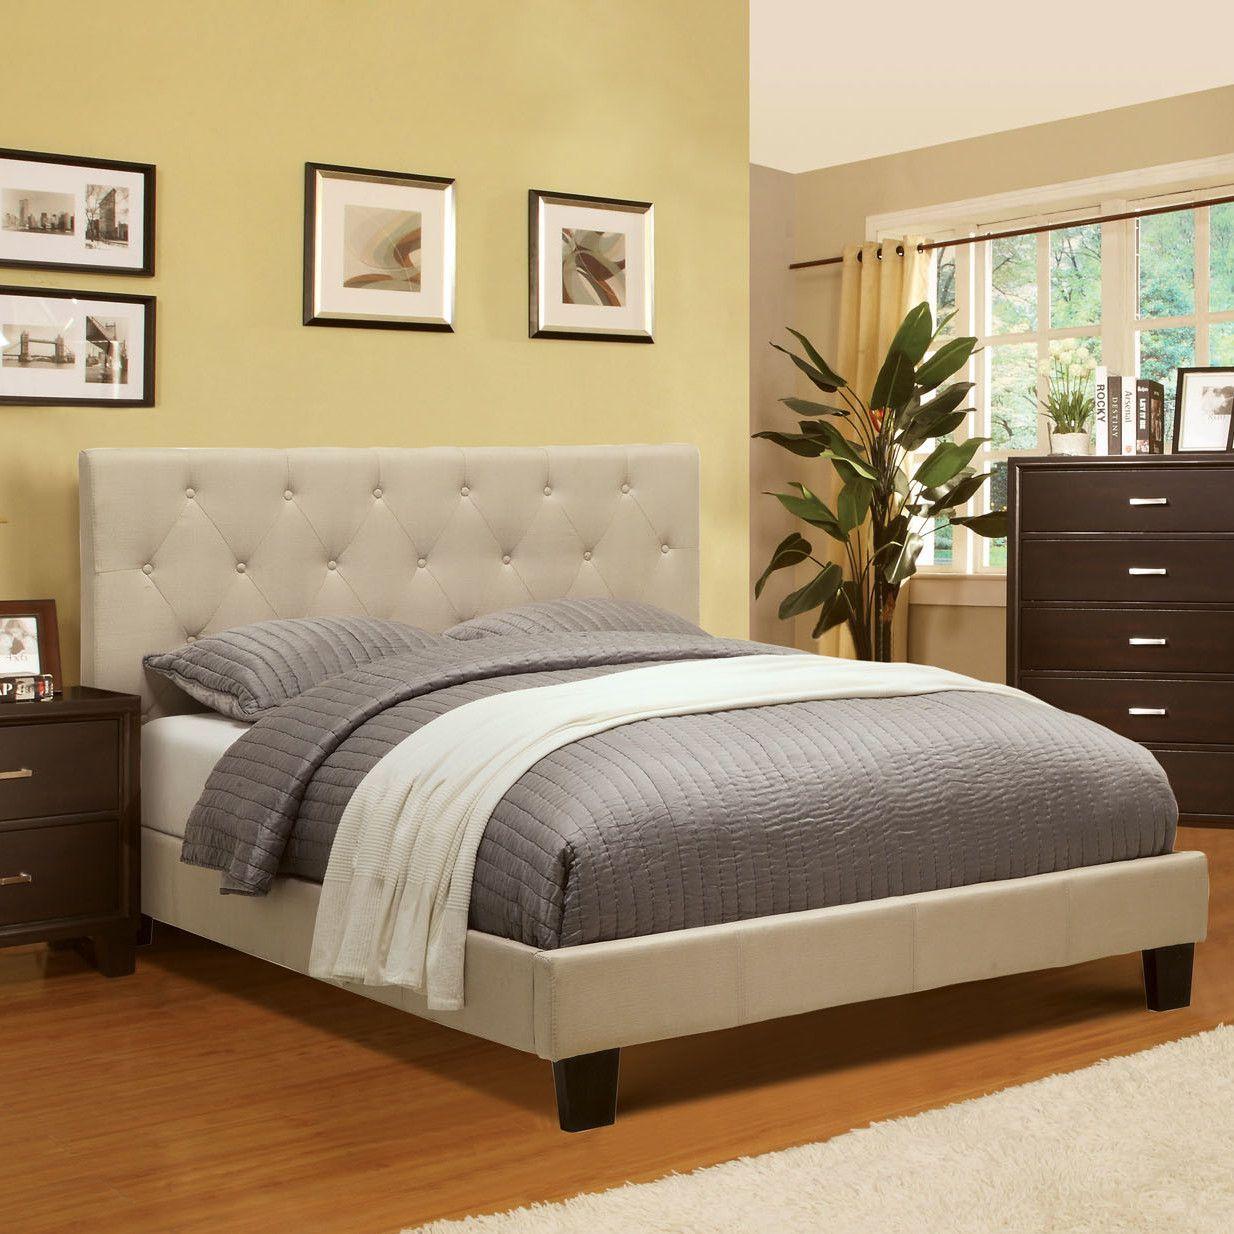 Chernoll Panel Bed In 2020 Bedroom Sets Bedroom Furniture Sets